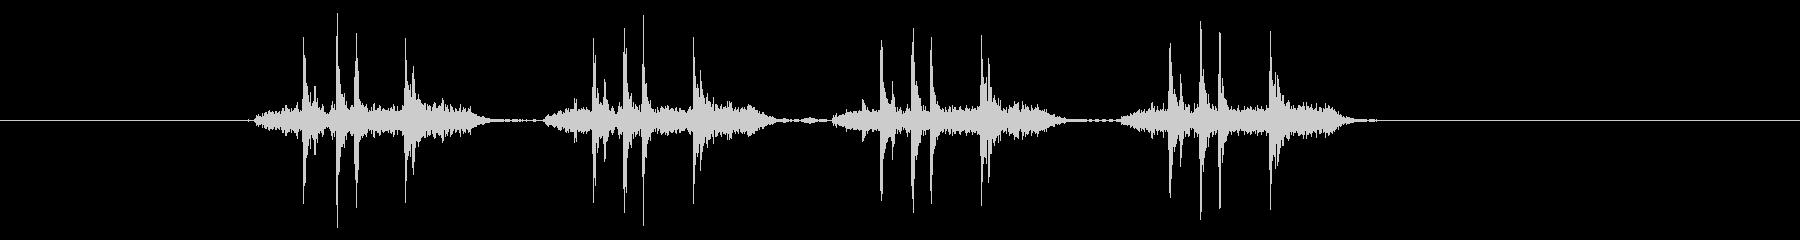 【録音】一眼レフ連写音の未再生の波形